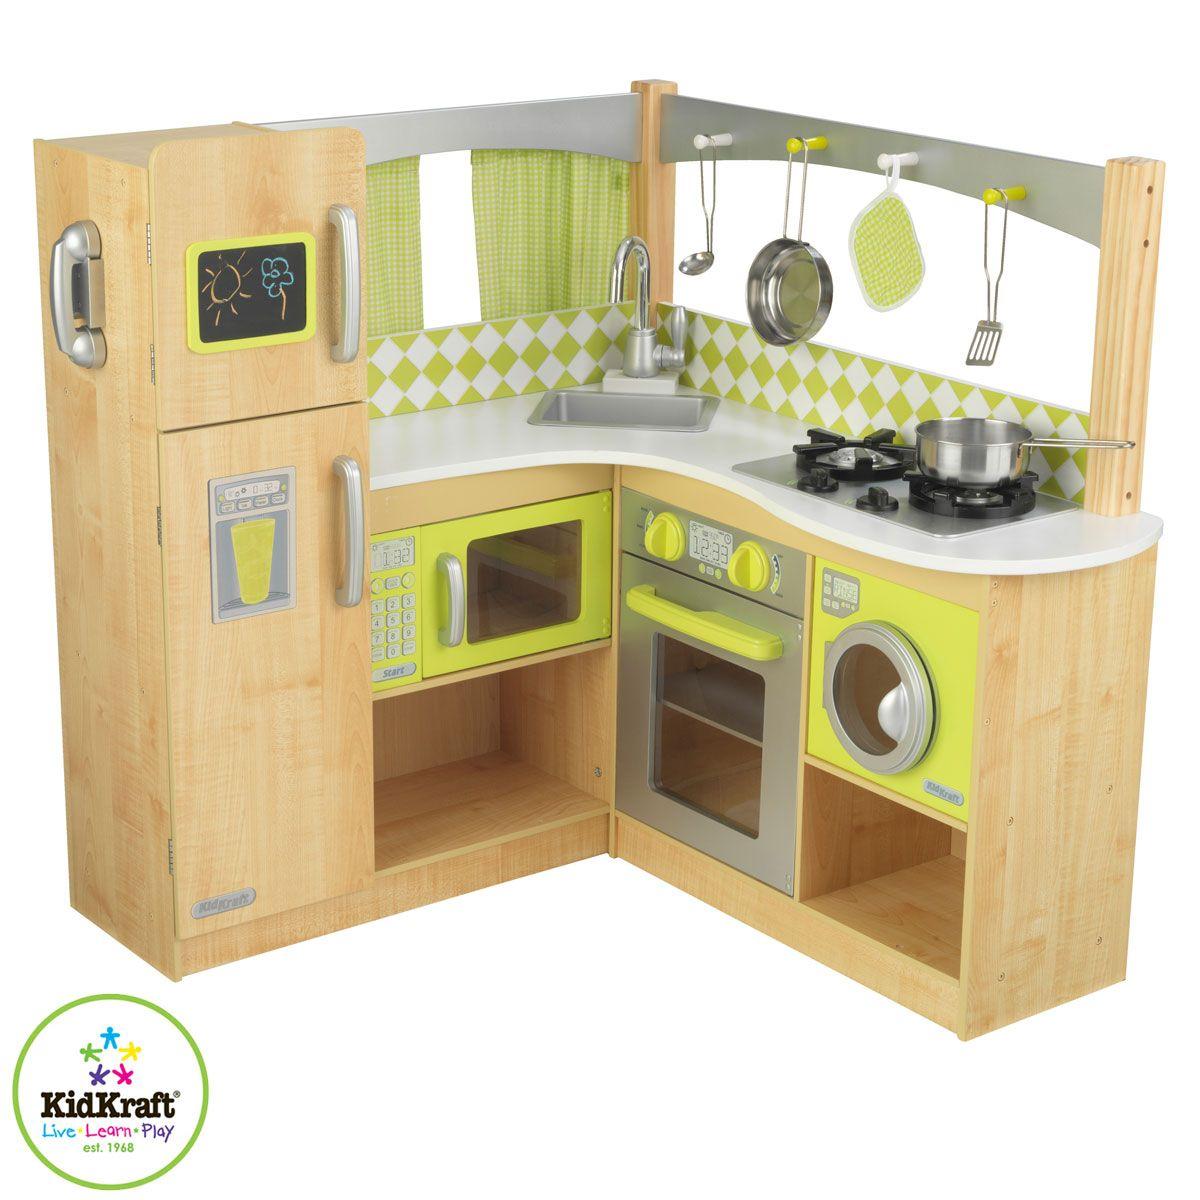 Pin von Pirum-Holzspielzeuge auf Kinderküche | Pinterest | Kinderküche